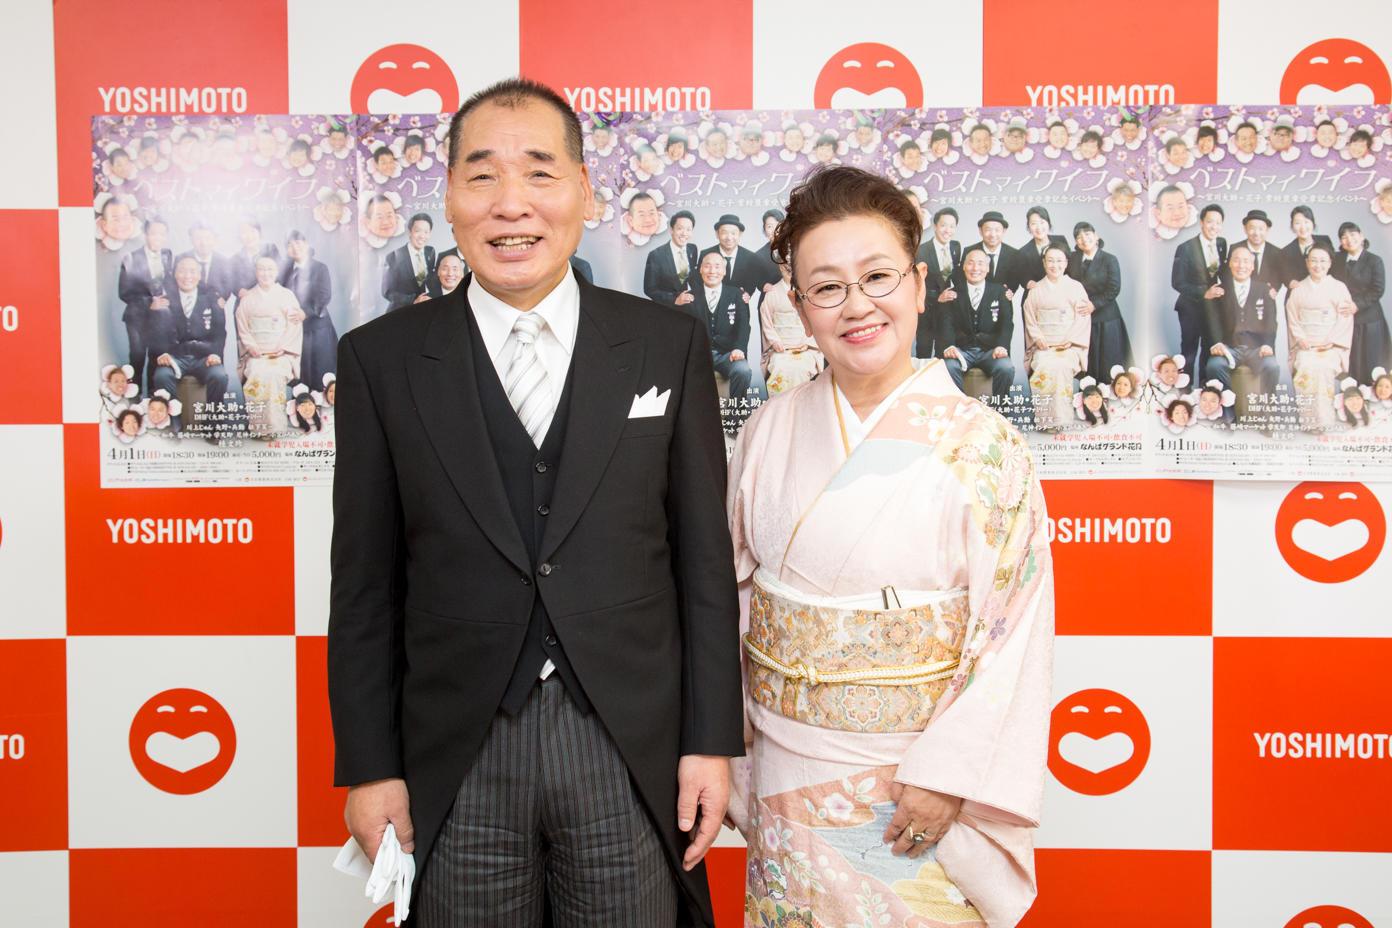 http://news.yoshimoto.co.jp/20180116115041-8fc95c2a86acef1a1290b0c0300bc66a58b15334.jpg